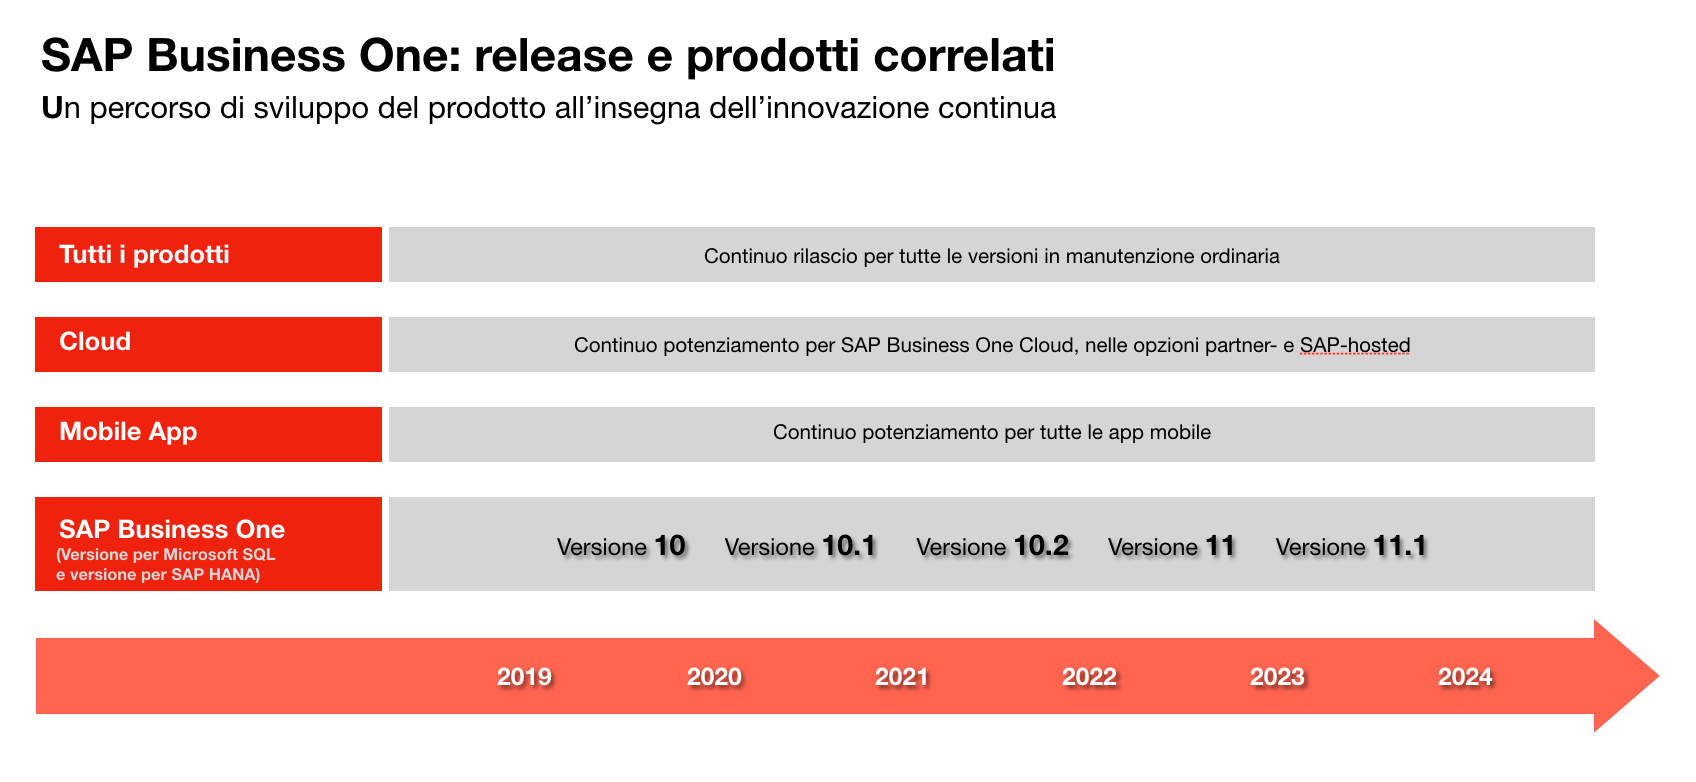 sap-business-one-aggiornamento-release-2021